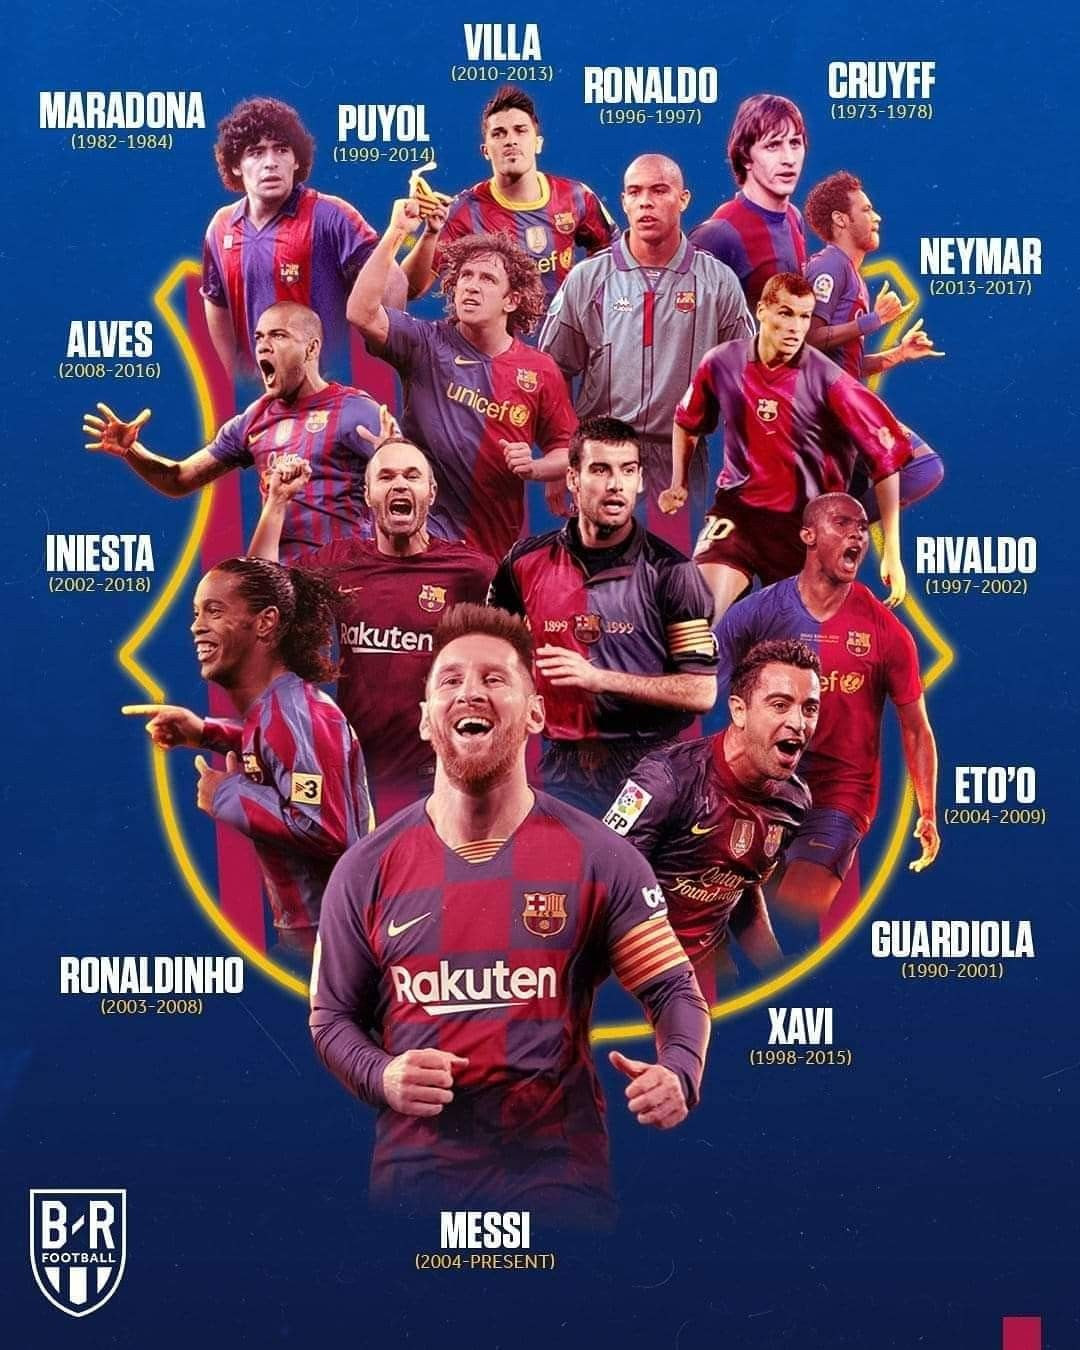 Pin De Dejan Trajkovic En Barca Fotos De Messi Fotos Del Equipo De Fútbol Fotos De Lionel Messi